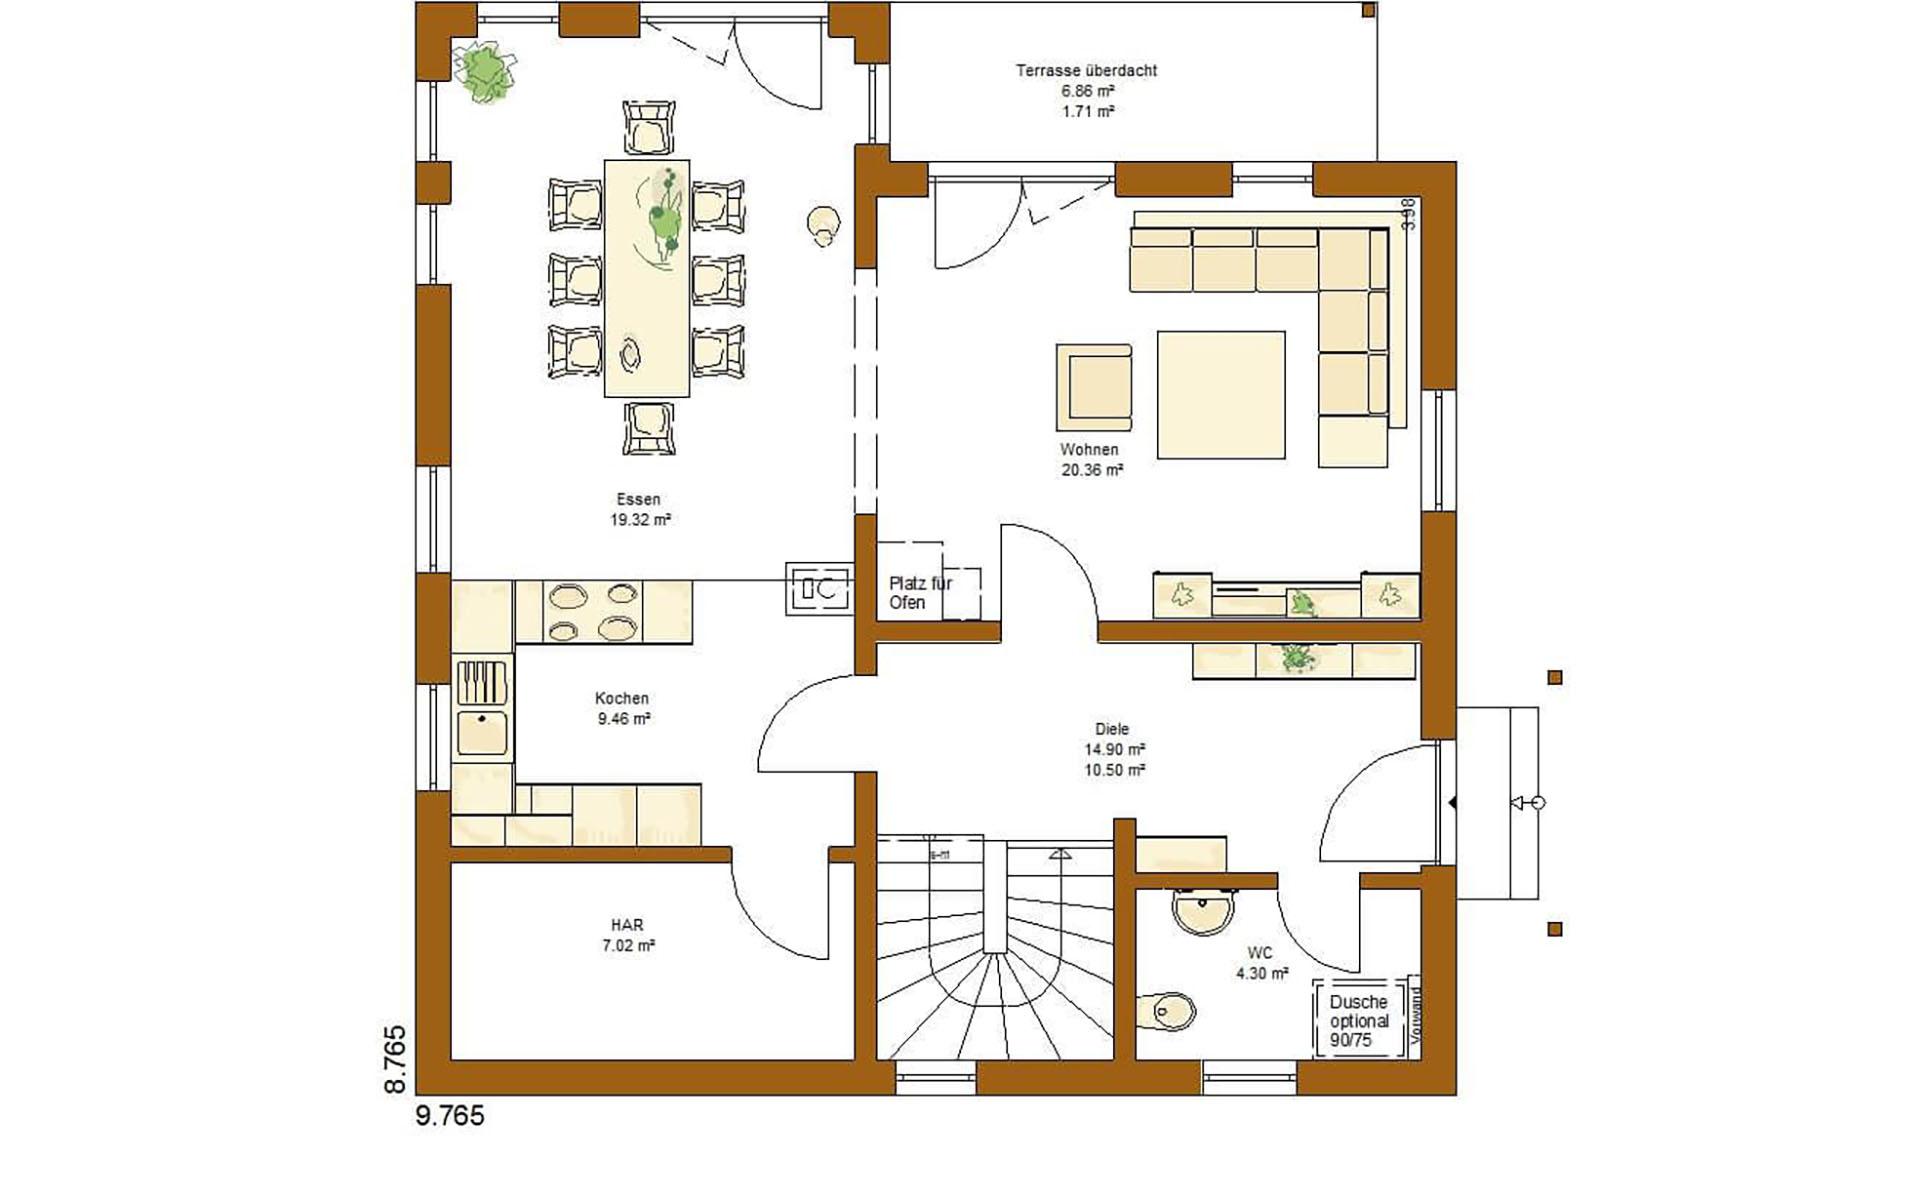 Erdgeschoss CLOU 135 (Walmdach) von RENSCH-HAUS GMBH